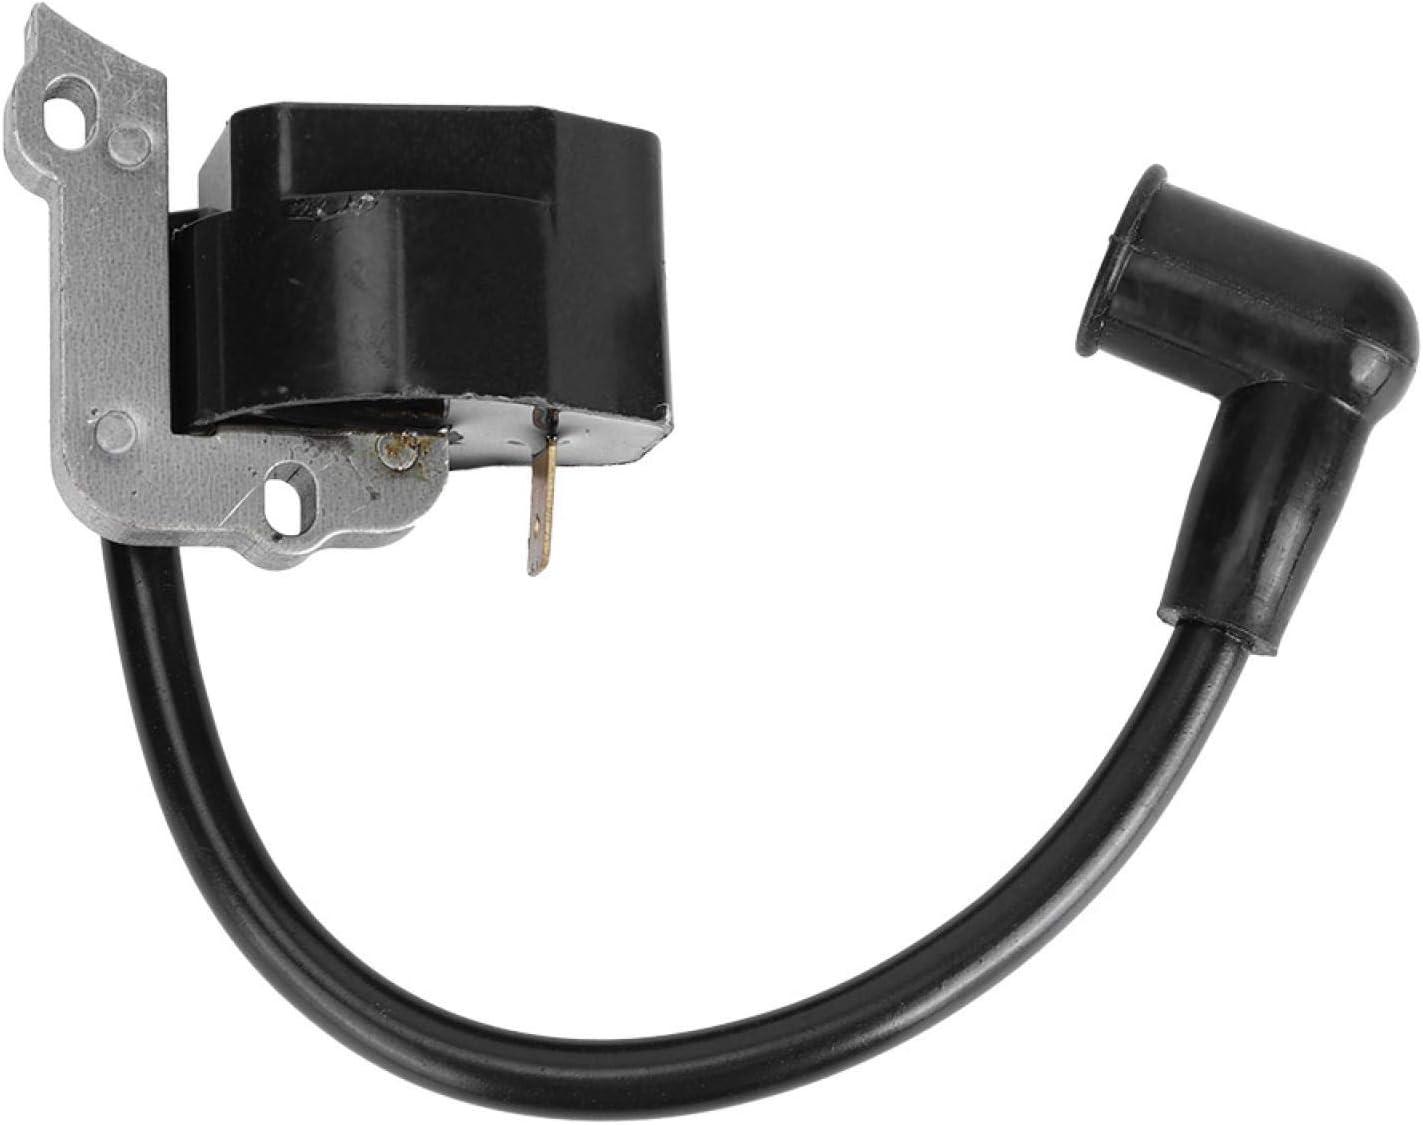 Encendido de bobina de encendido, accesorios de repuesto de bobina de encendido, piezas aptas para STIHL FC55 FS38 FS45 FS55 HL45 HS45